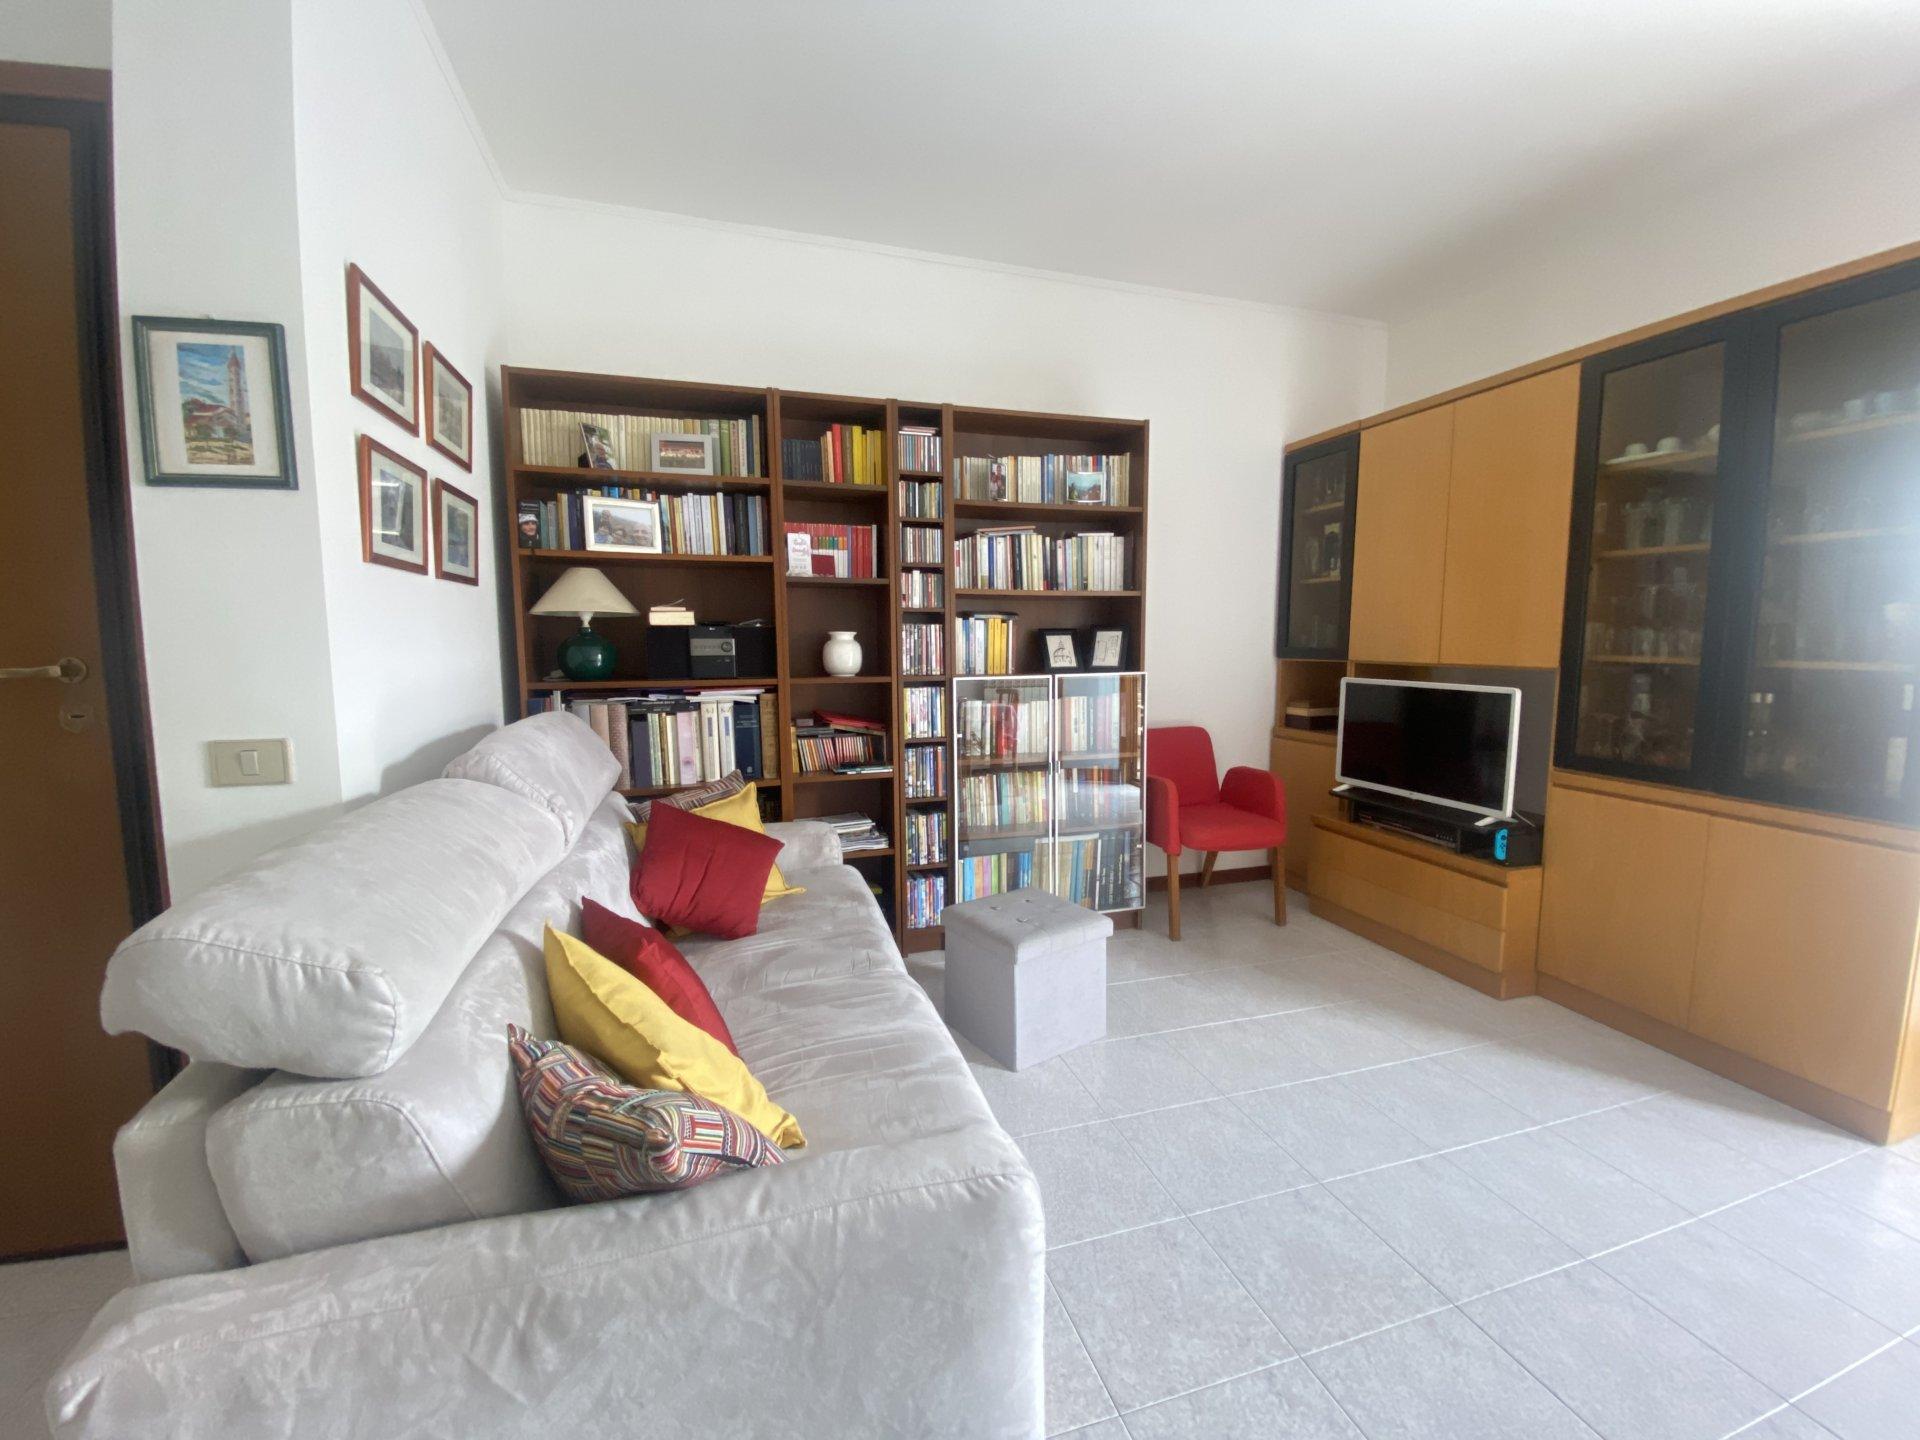 Sale Apartment - Lurate Caccivio - Italy